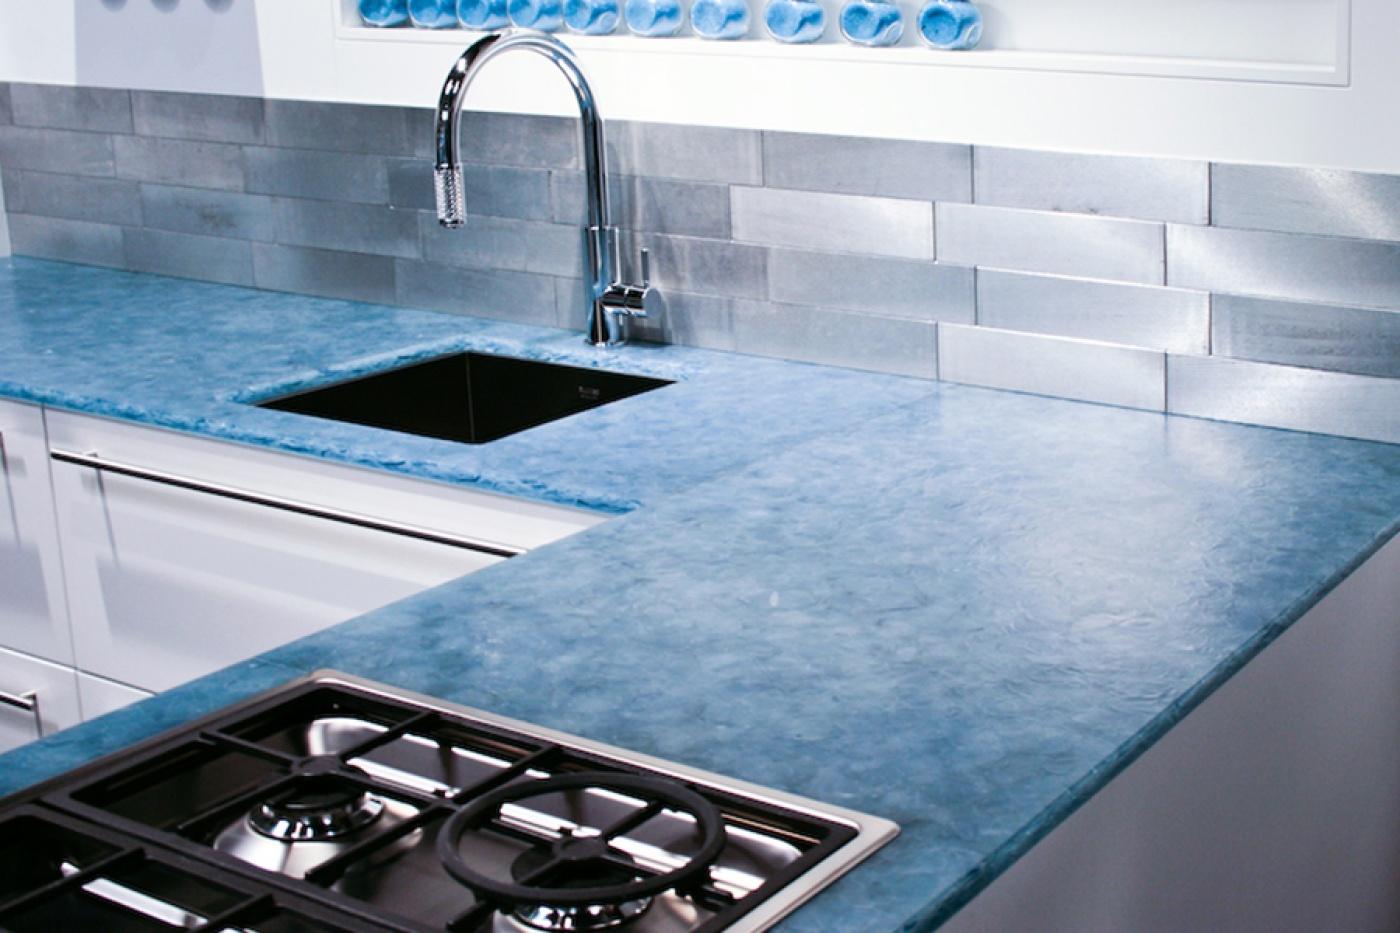 Onyx Plan de travail de cuisine sur mesure en verre pantiné  Ocean blue Magna patinated